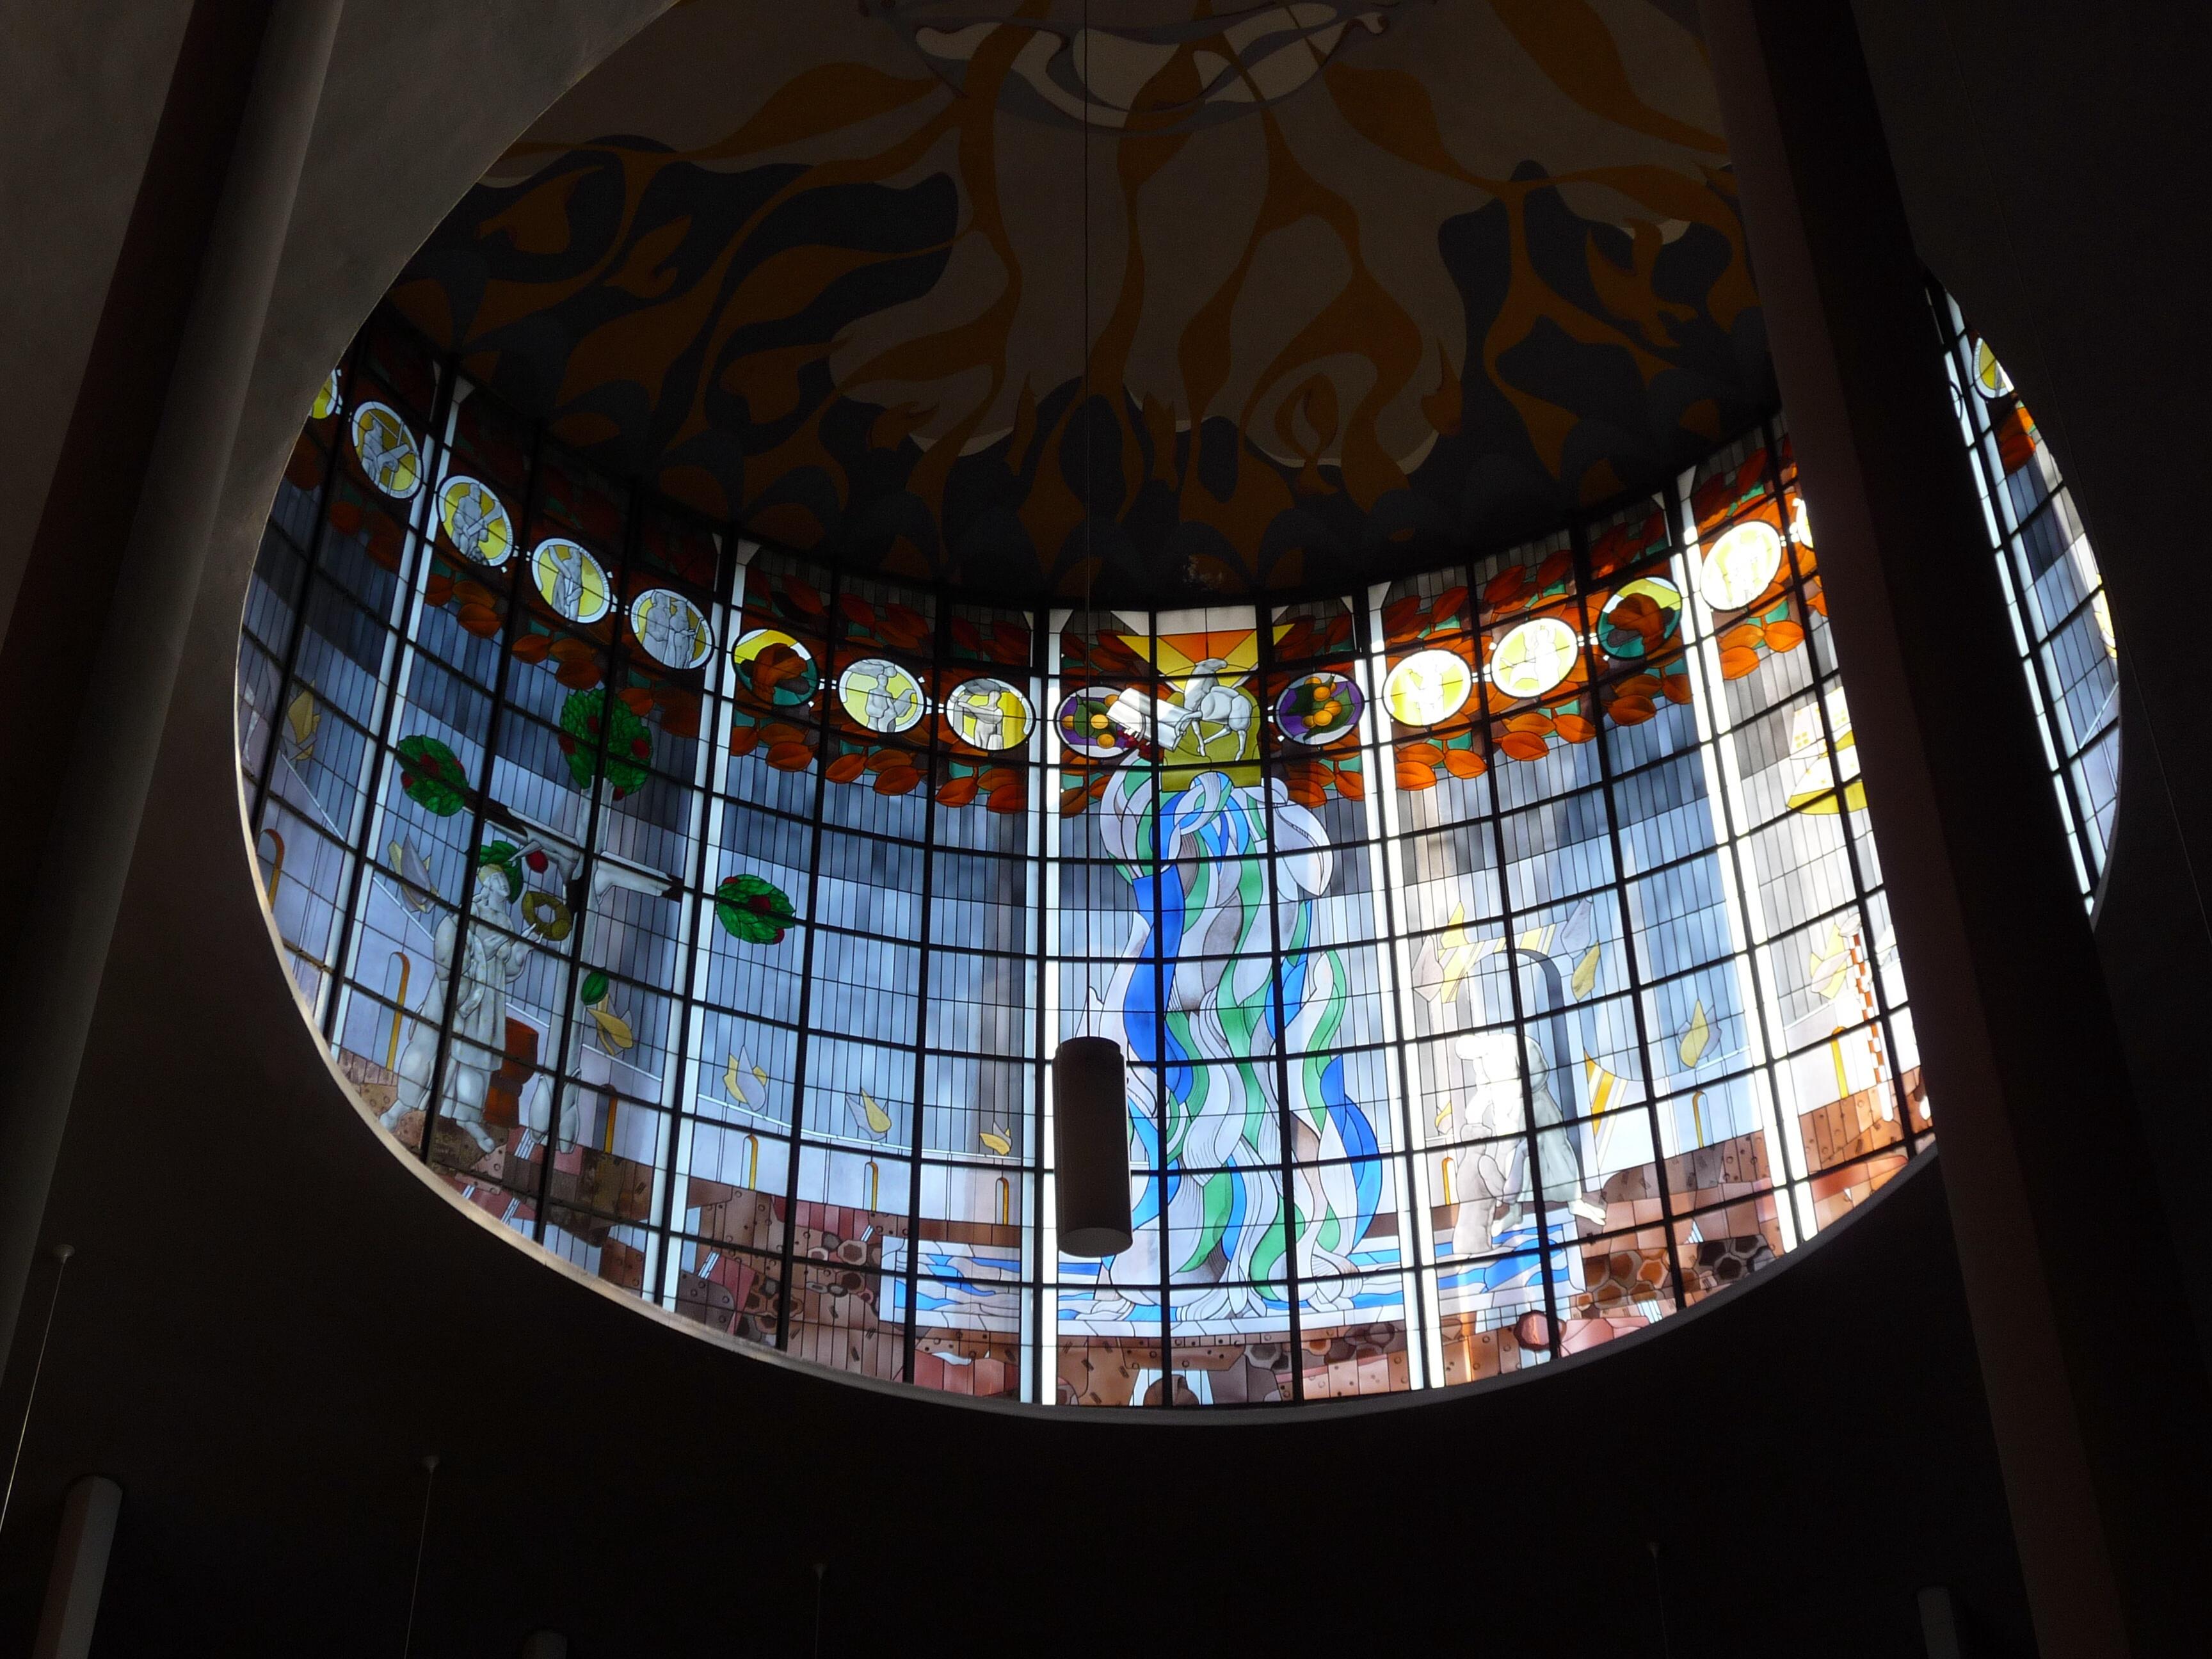 Glasfenster in der Kuppel, Entwurf Hubert Schaffmeister, 1985, St. Albert in Saarbrücken © Marlen Dittmann